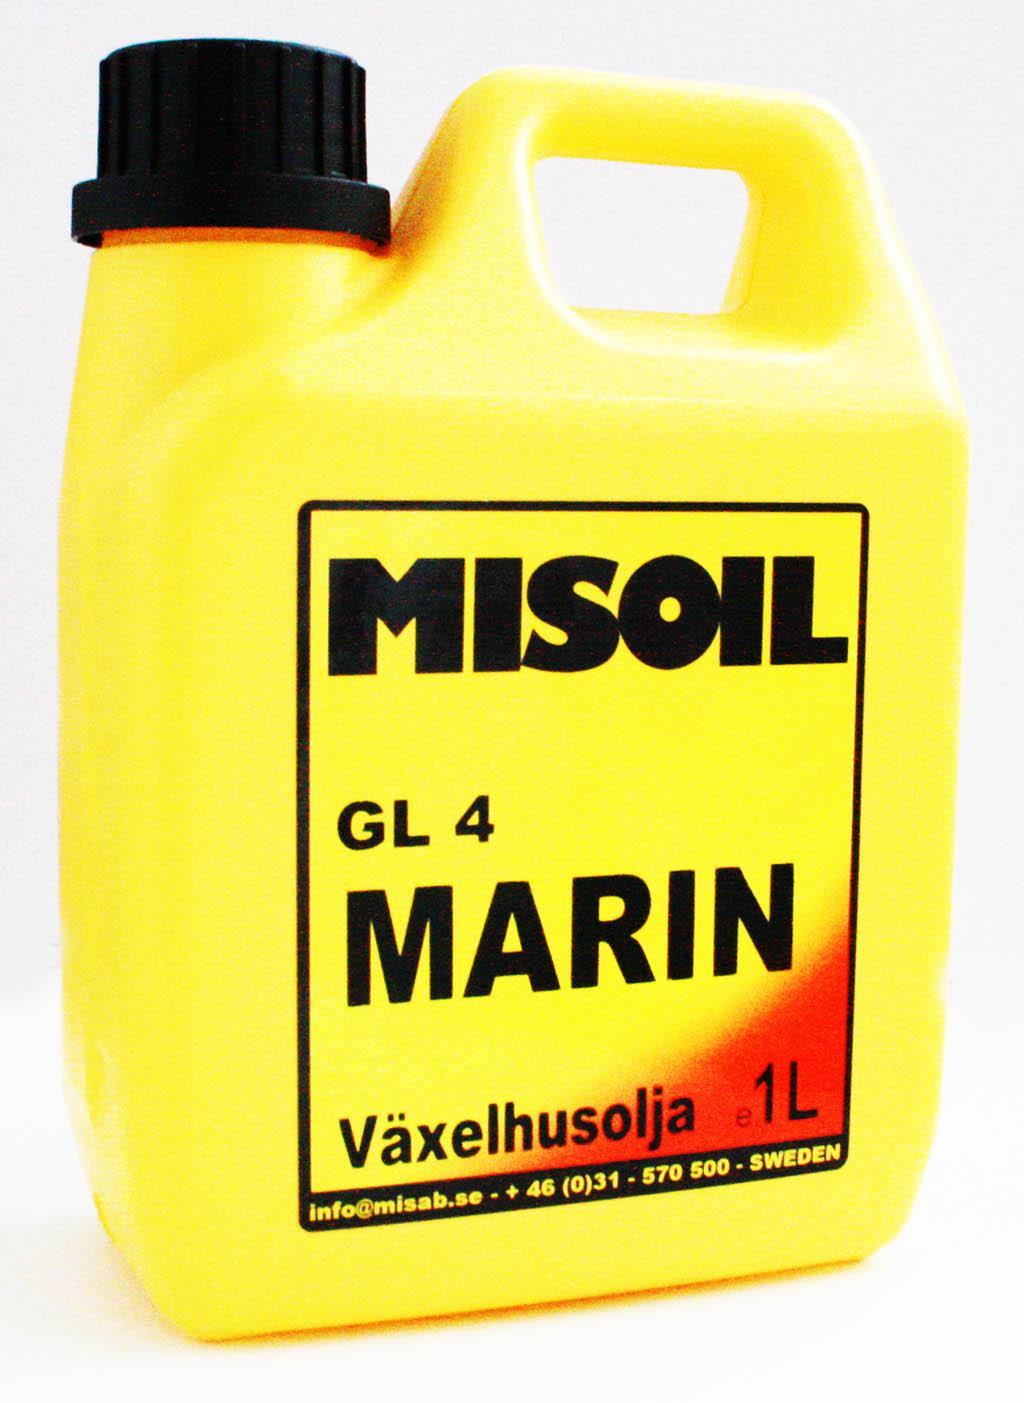 MISOIL VÄXELHUSOLJA MARIN 1 L